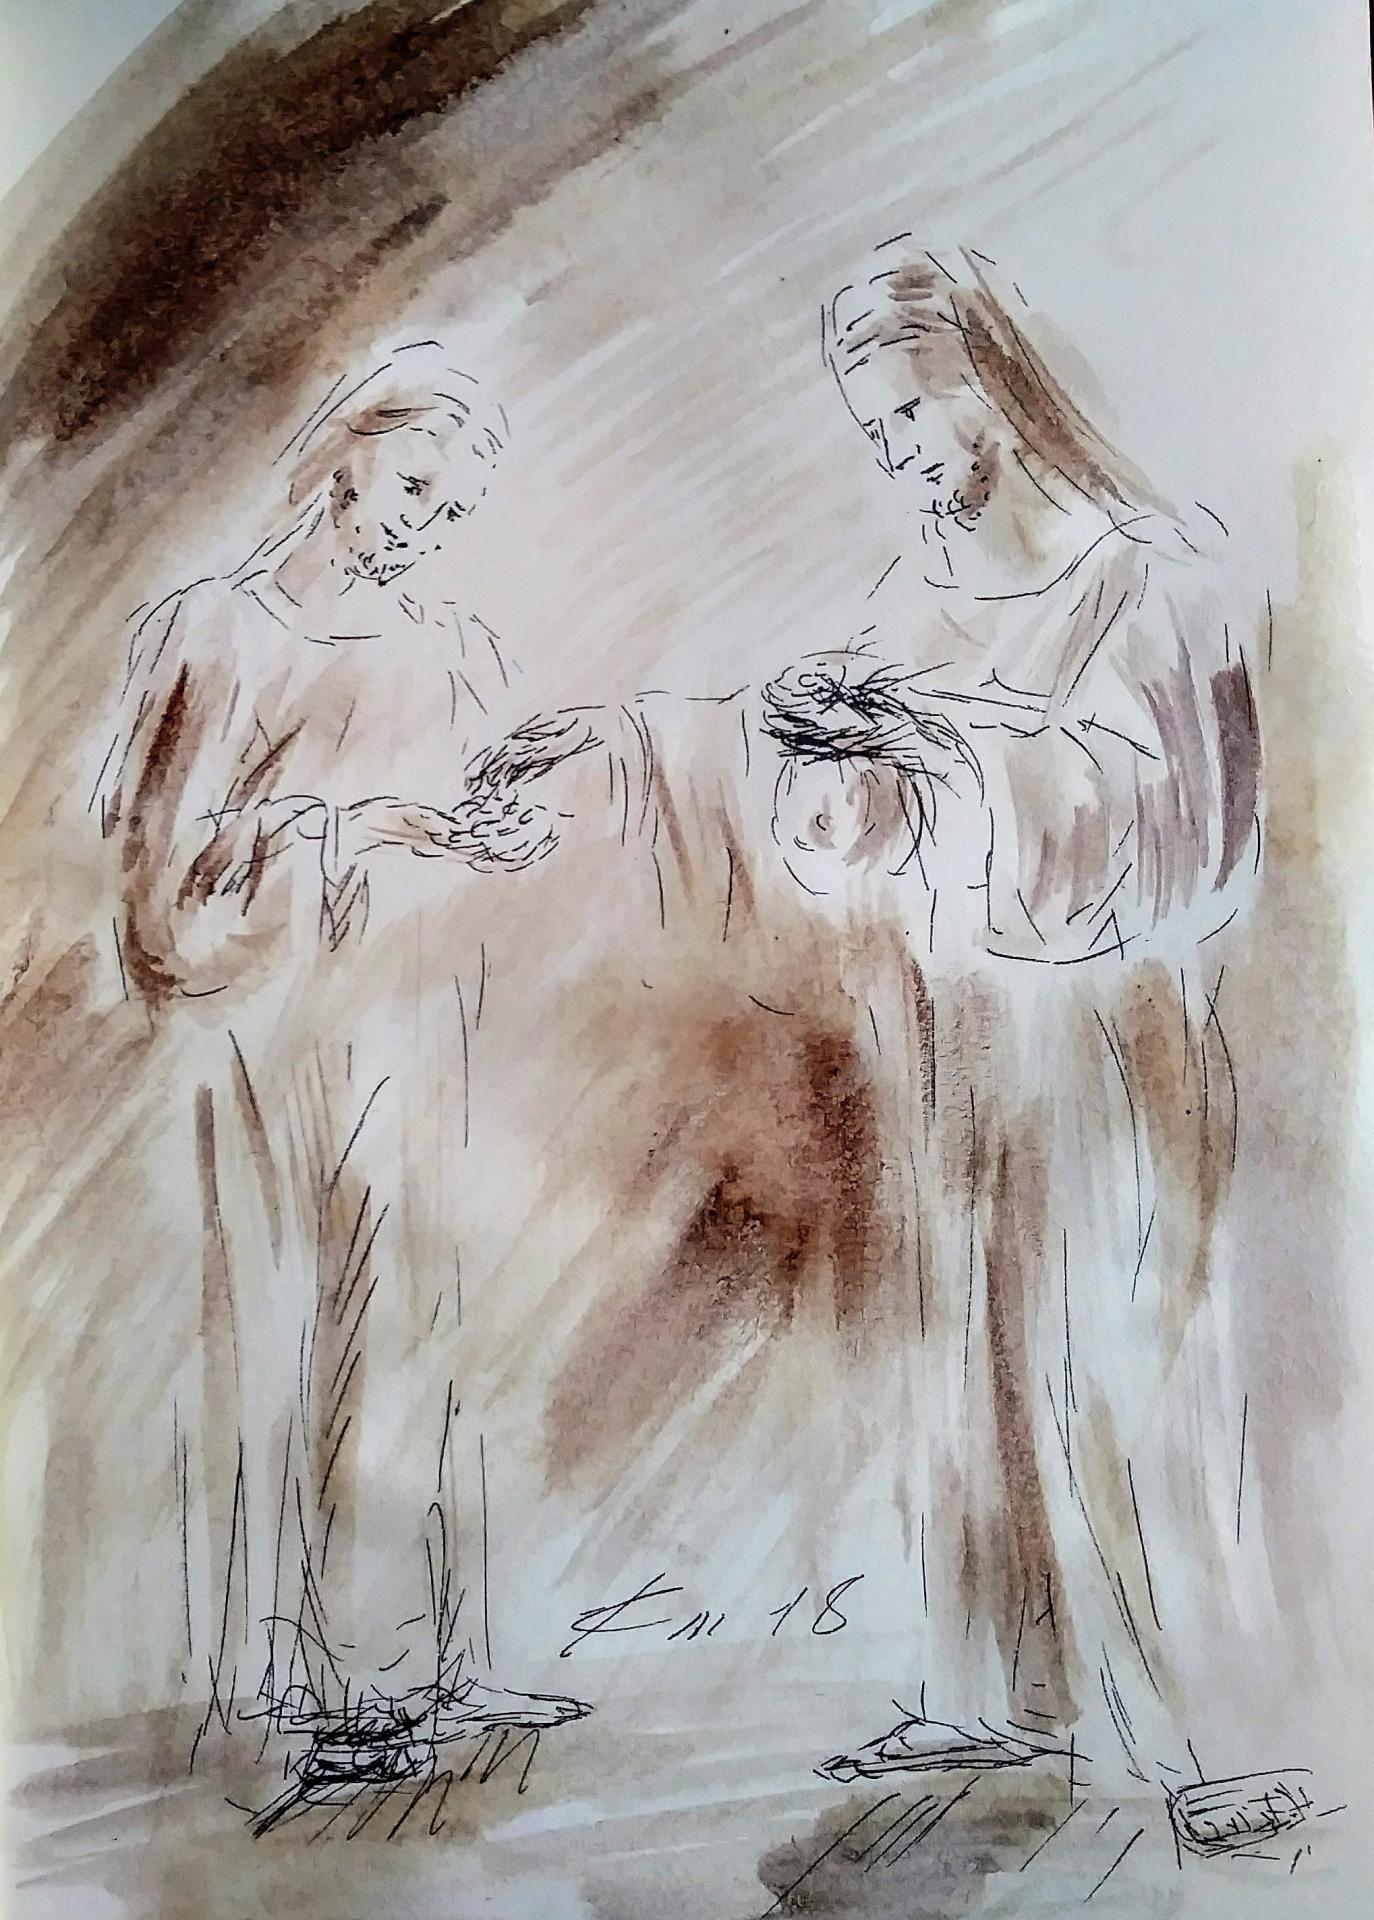 28 mars 2018 evangile du jour illustre par un dessin au lavis de jean joseph chevalier